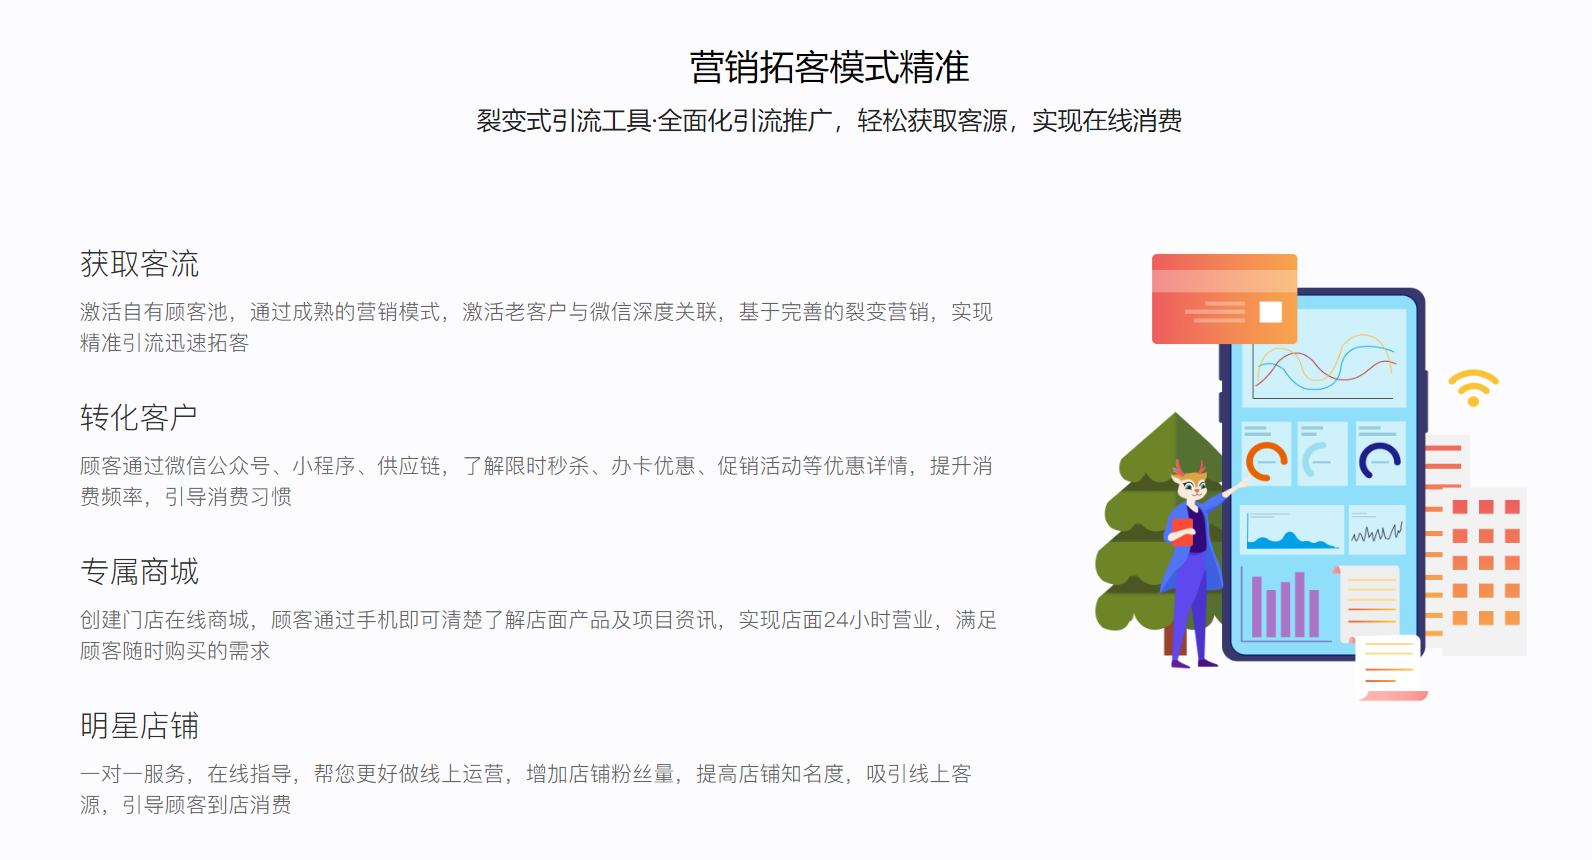 珠海智慧门店开发商「广州市御韵软件供应」